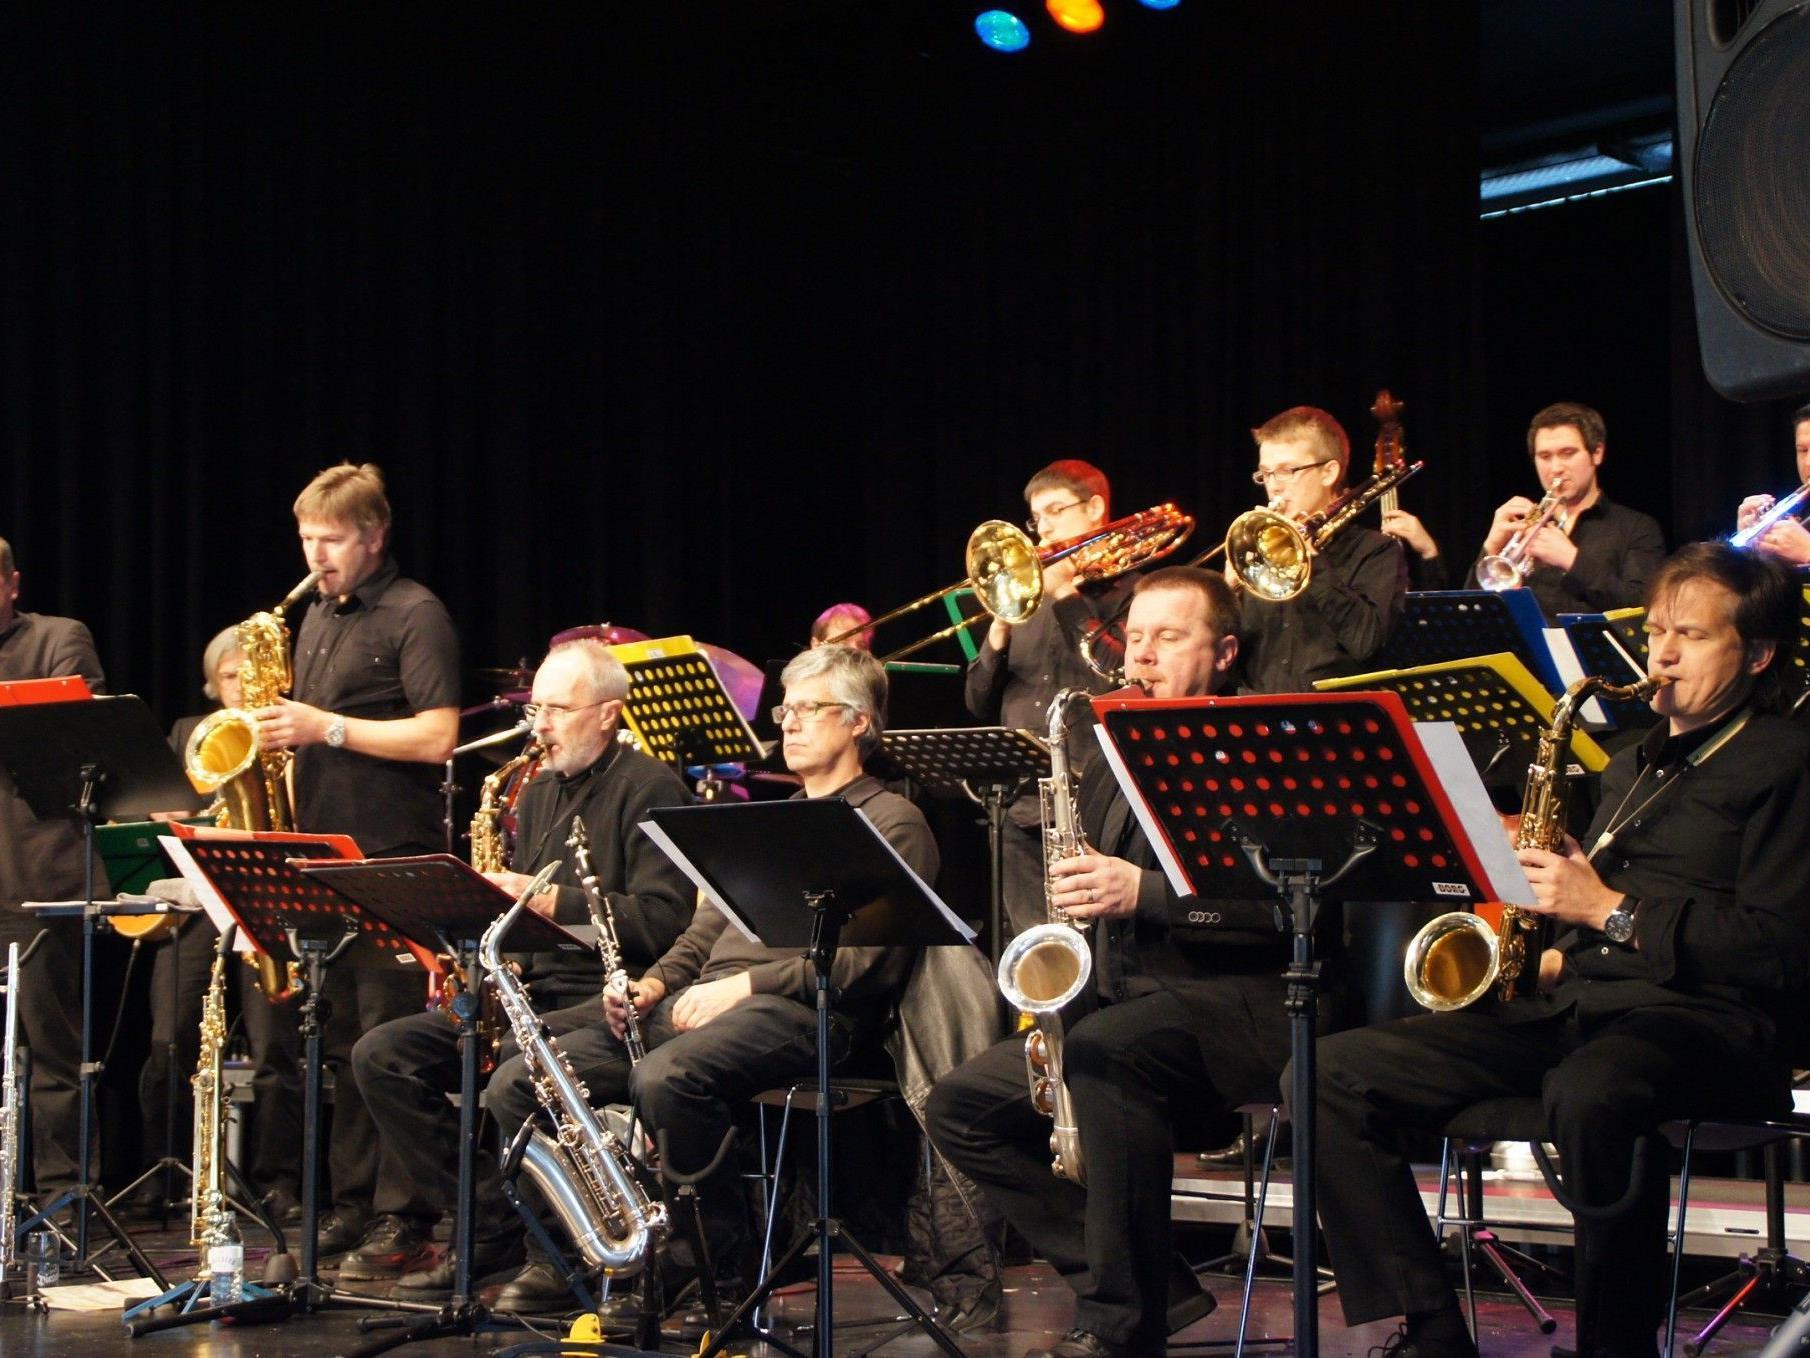 Die Swing Werk Big Band jazzte den Löwensaal!